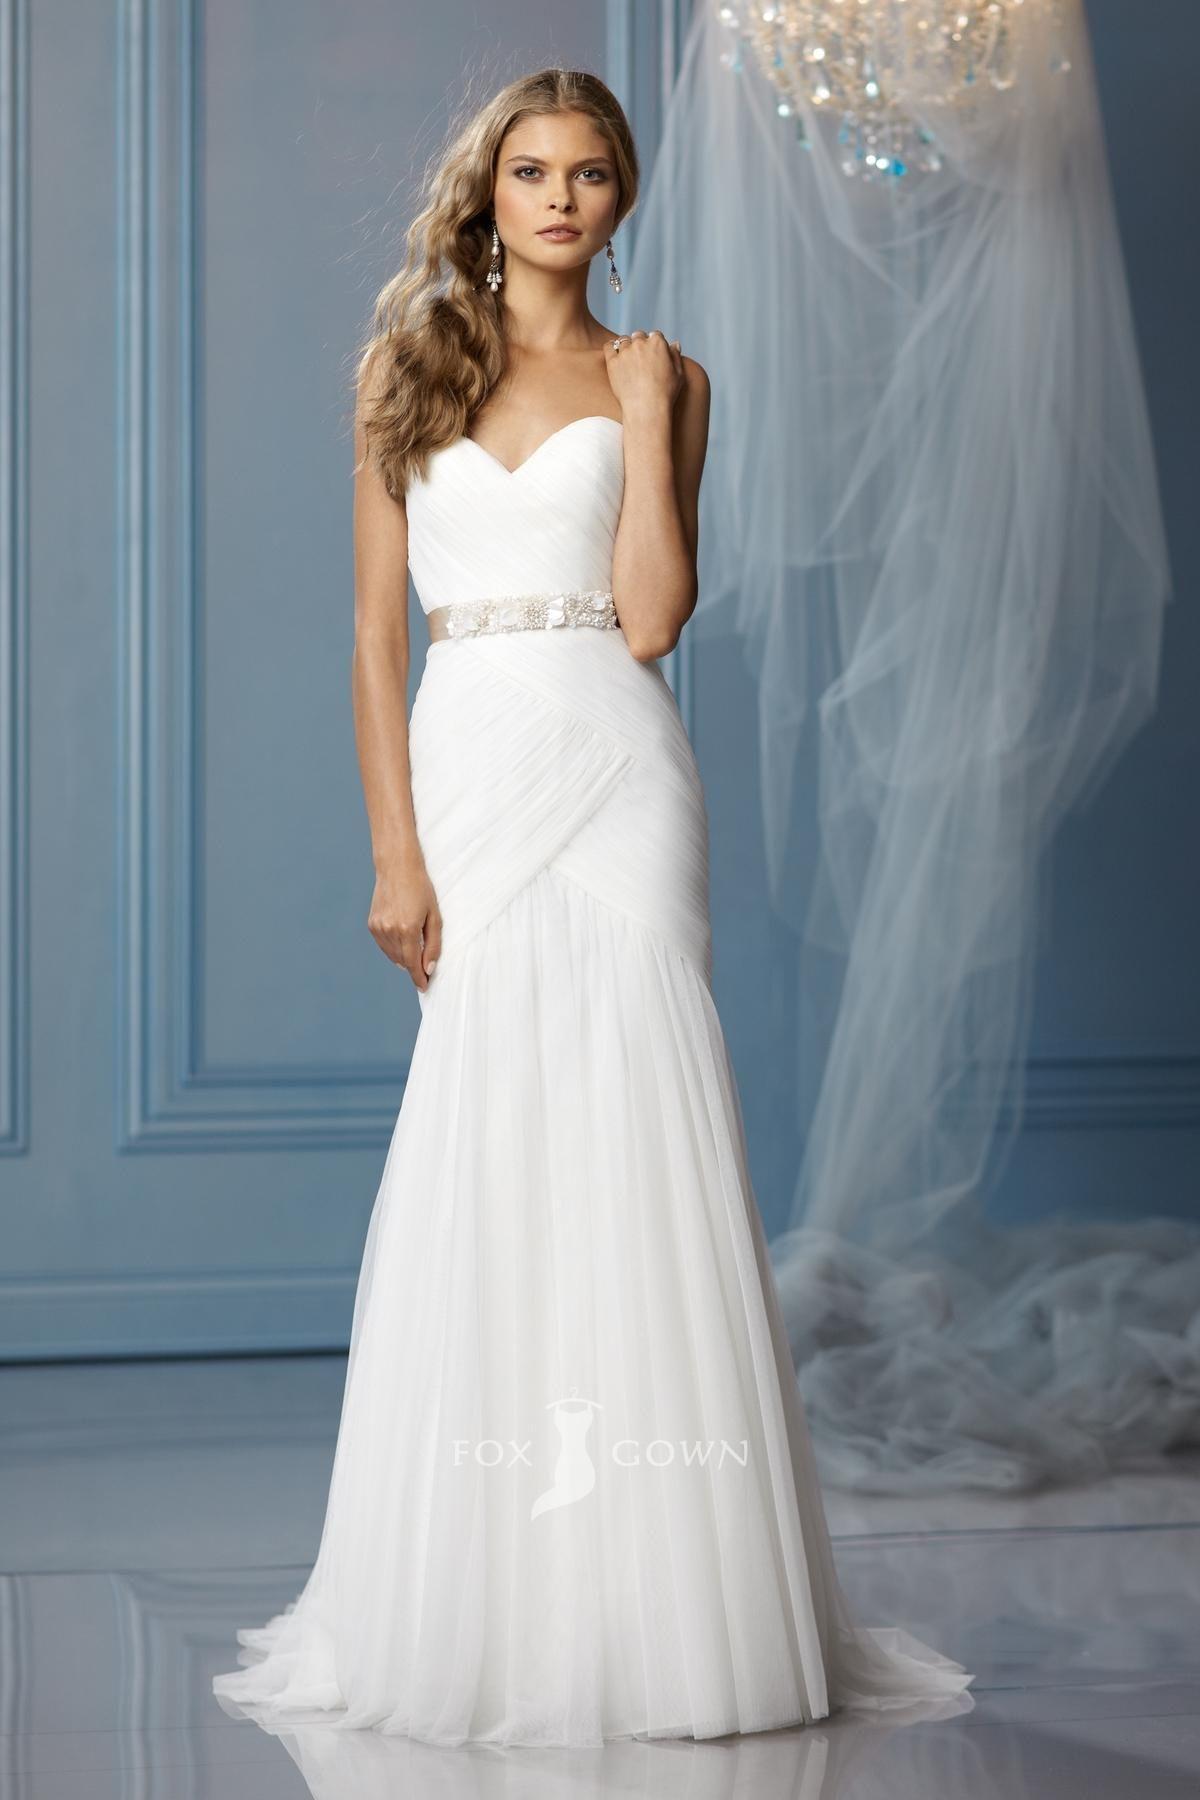 Simple Sweetheart Wedding Dress - Best Shapewear for Wedding Dress ...